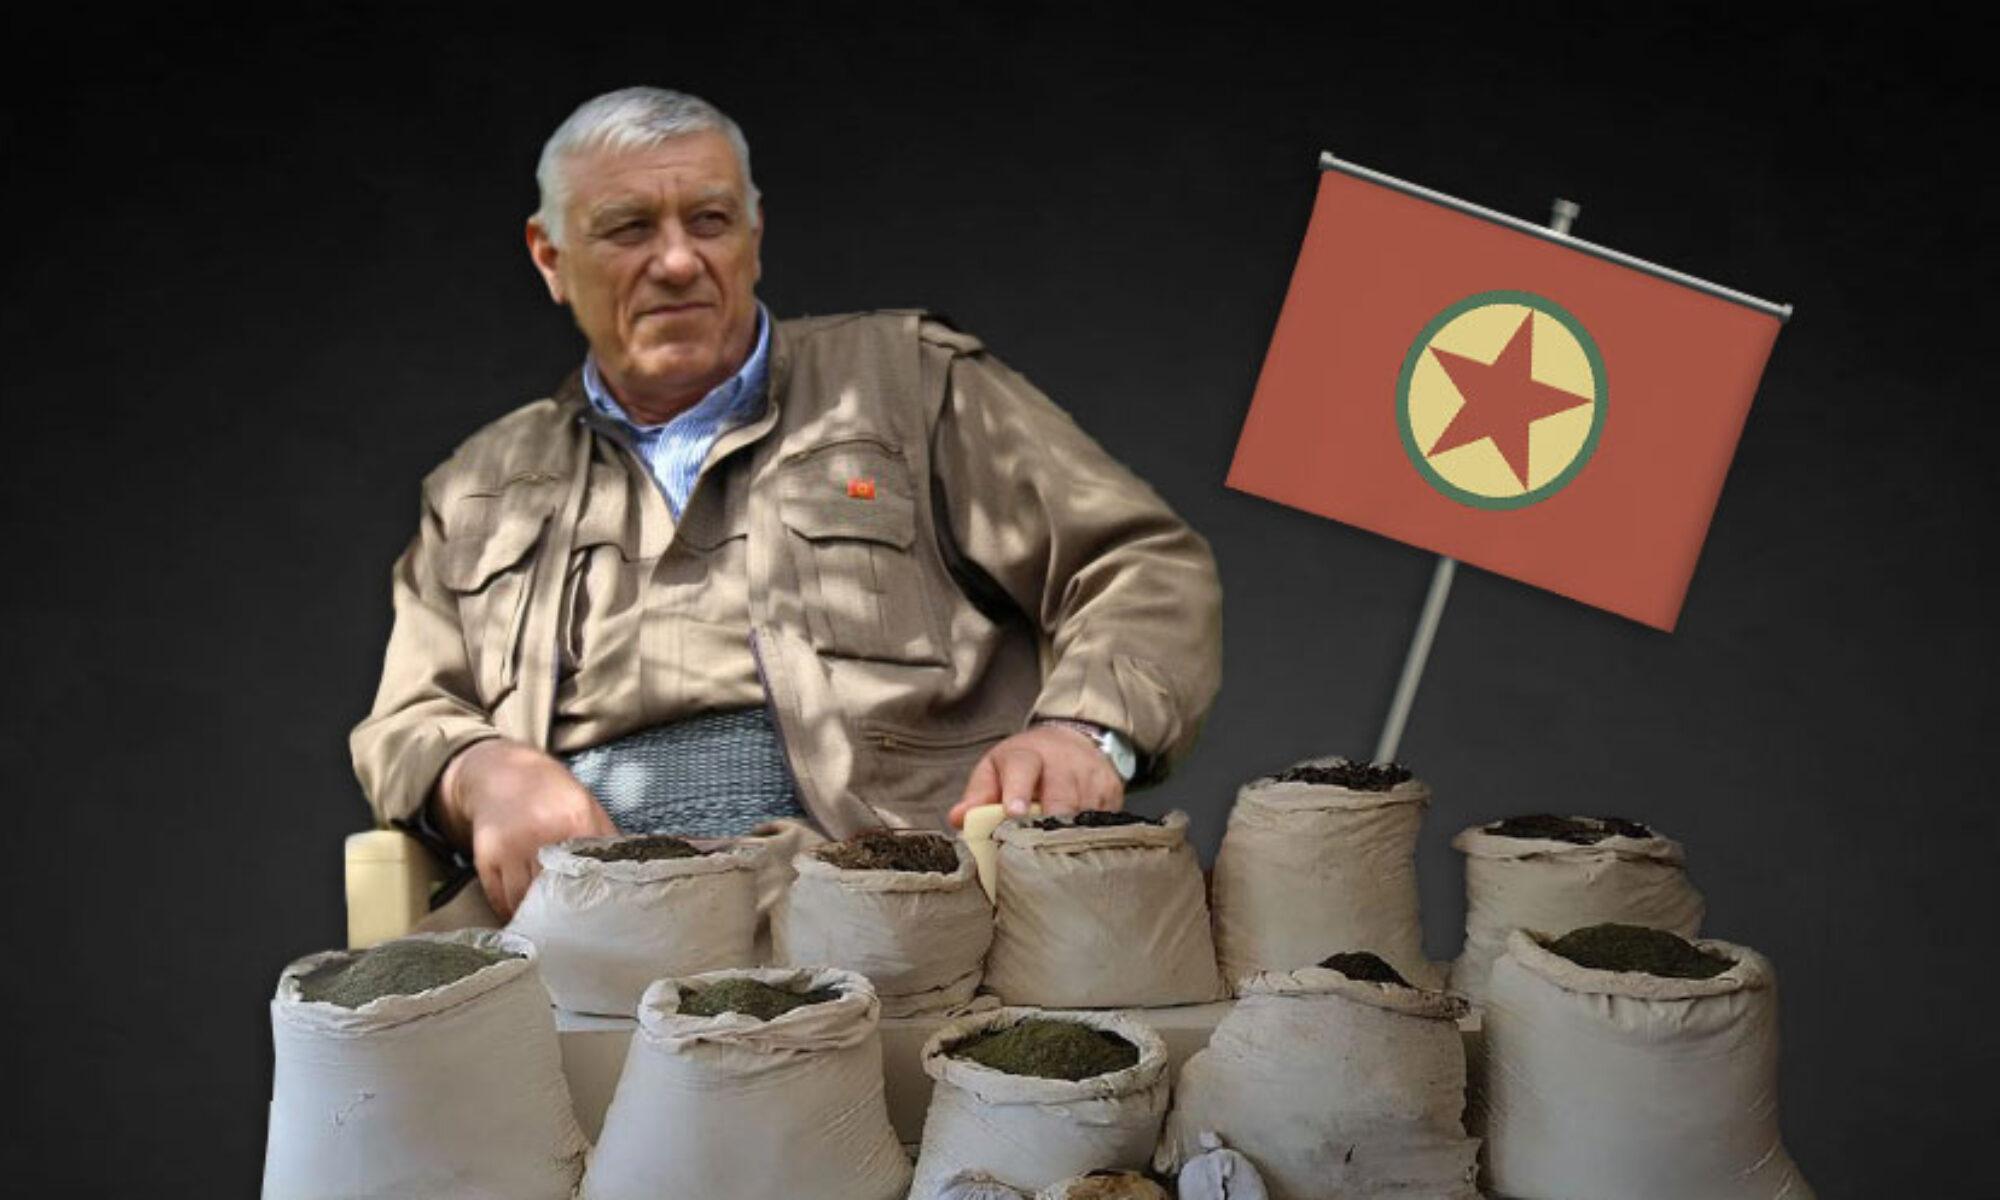 PKK'nin uyuşturucu madde kuryesi deşifre oldu İran İtlaat, Gümrük, Egit, PKK, haraç,EMCDD, interpol,